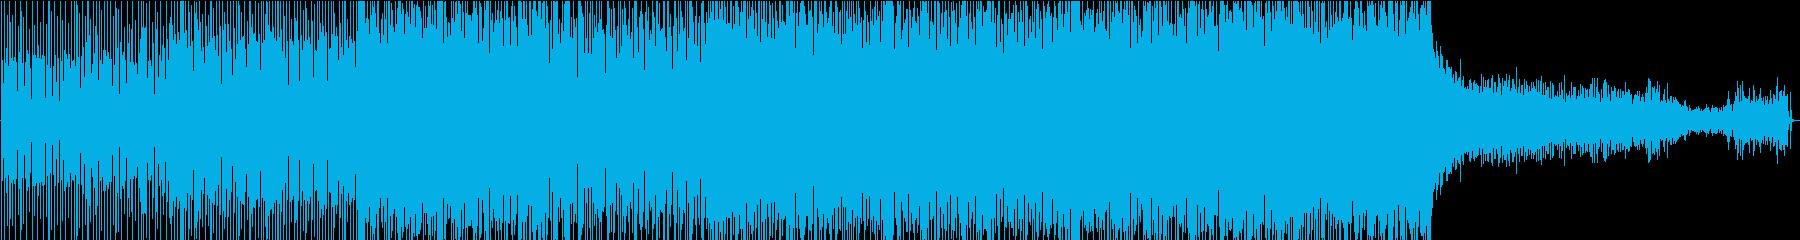 メロディックトランスハウスの再生済みの波形